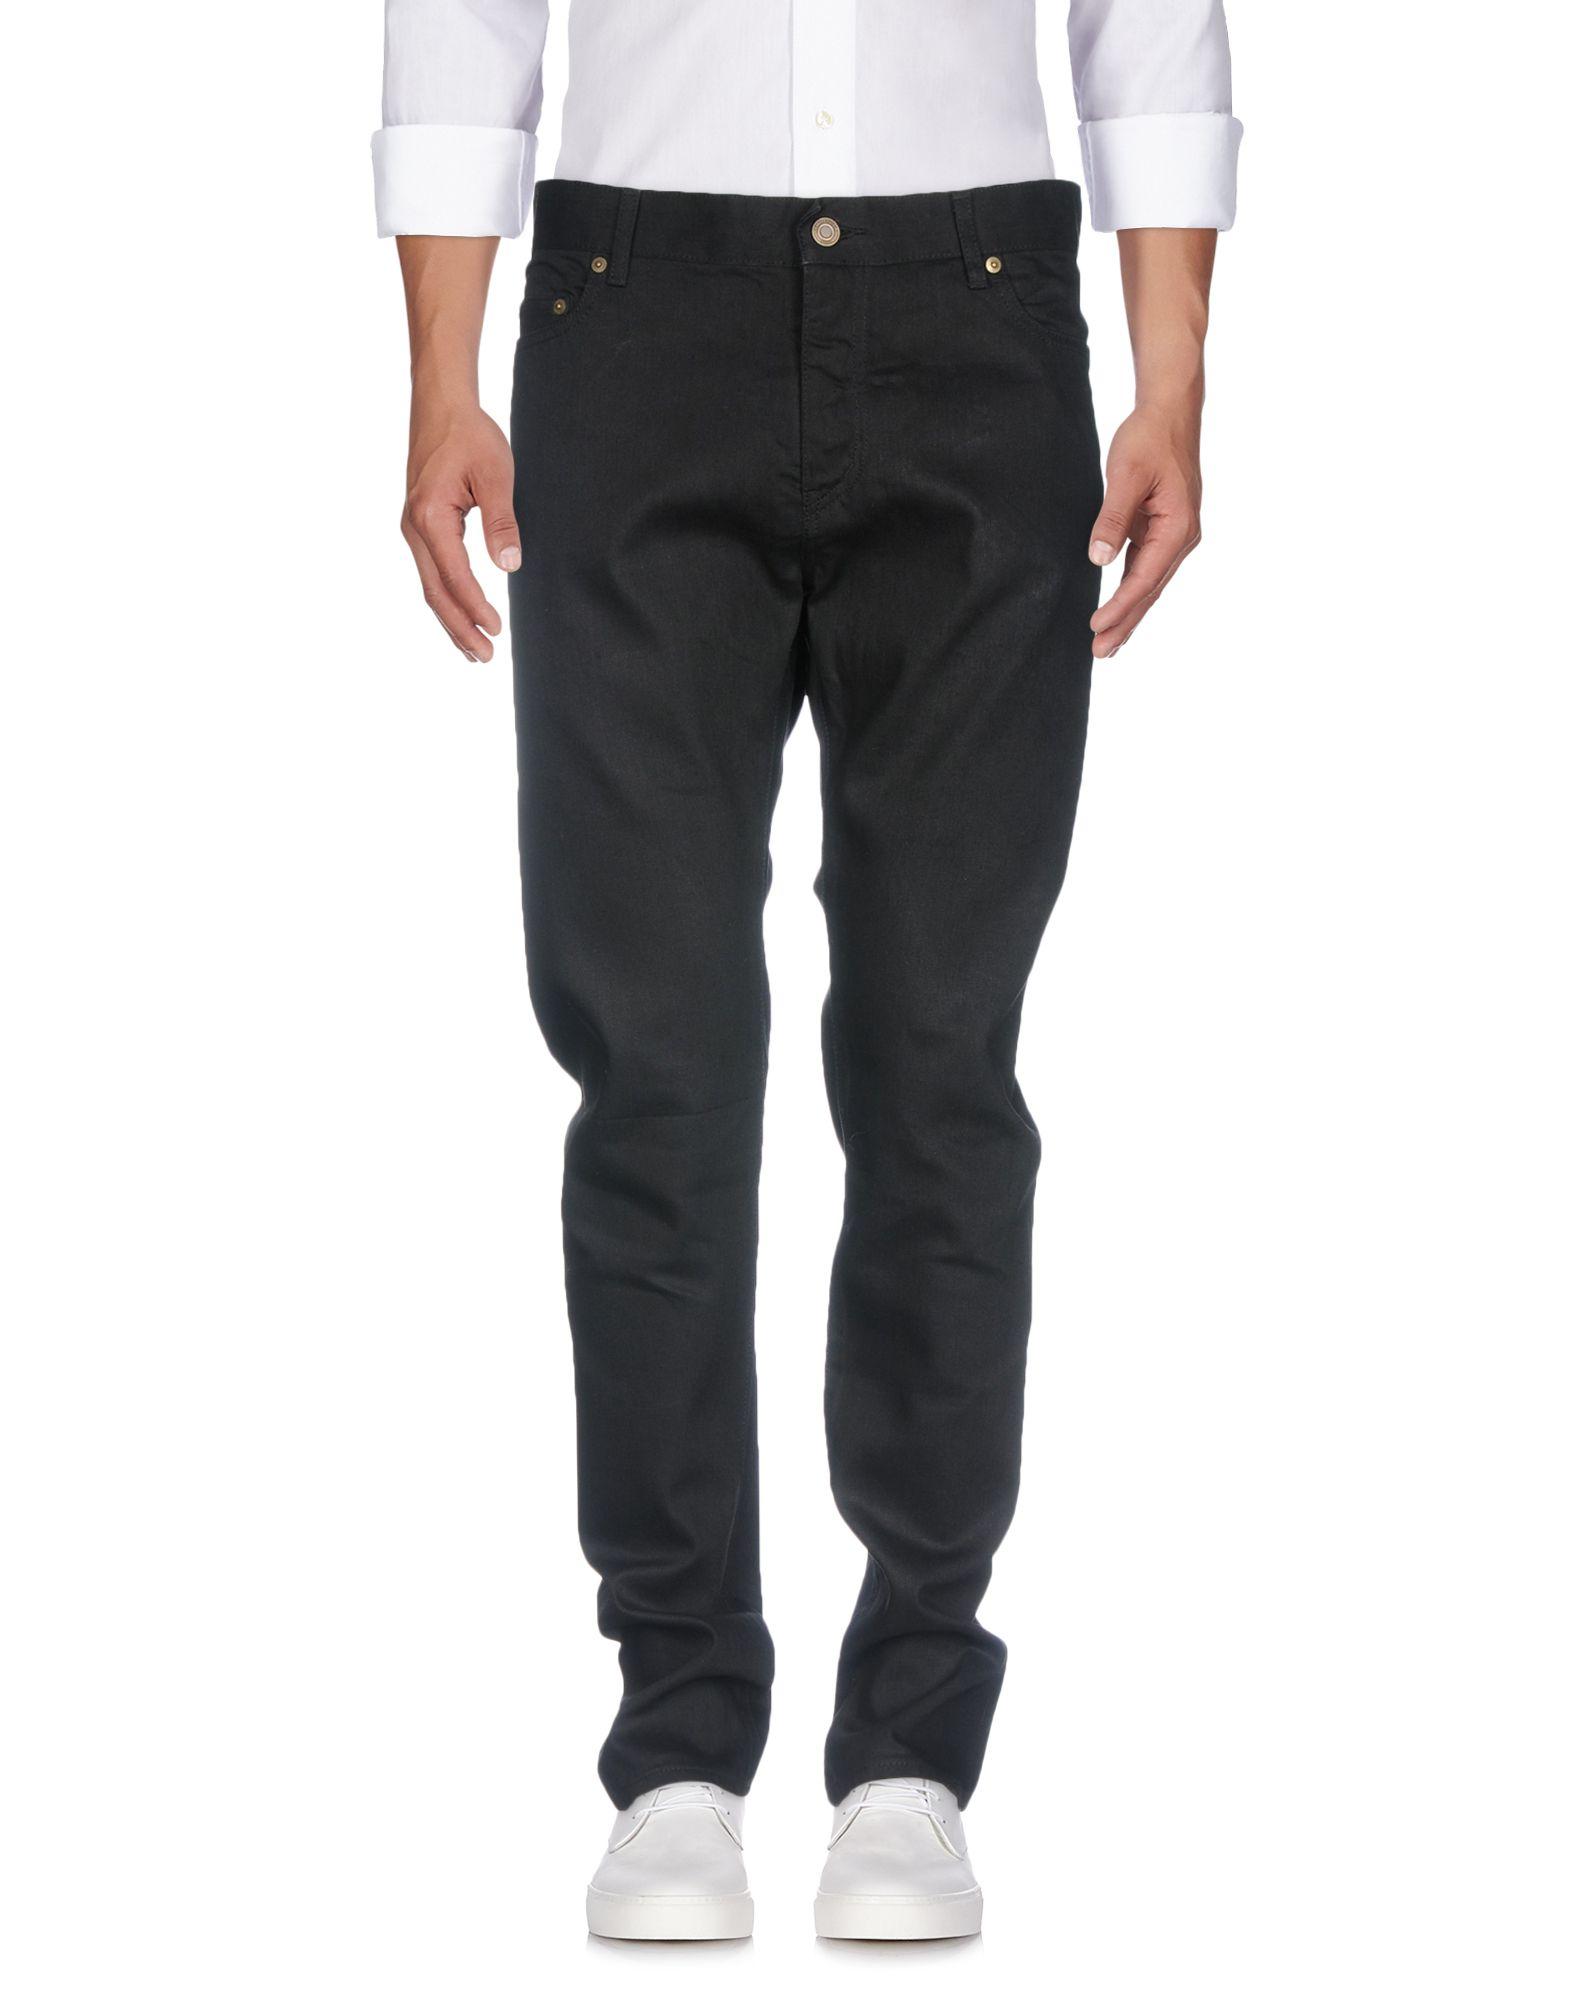 Pantaloni Jeans Saint Laurent Donna - Acquista online su